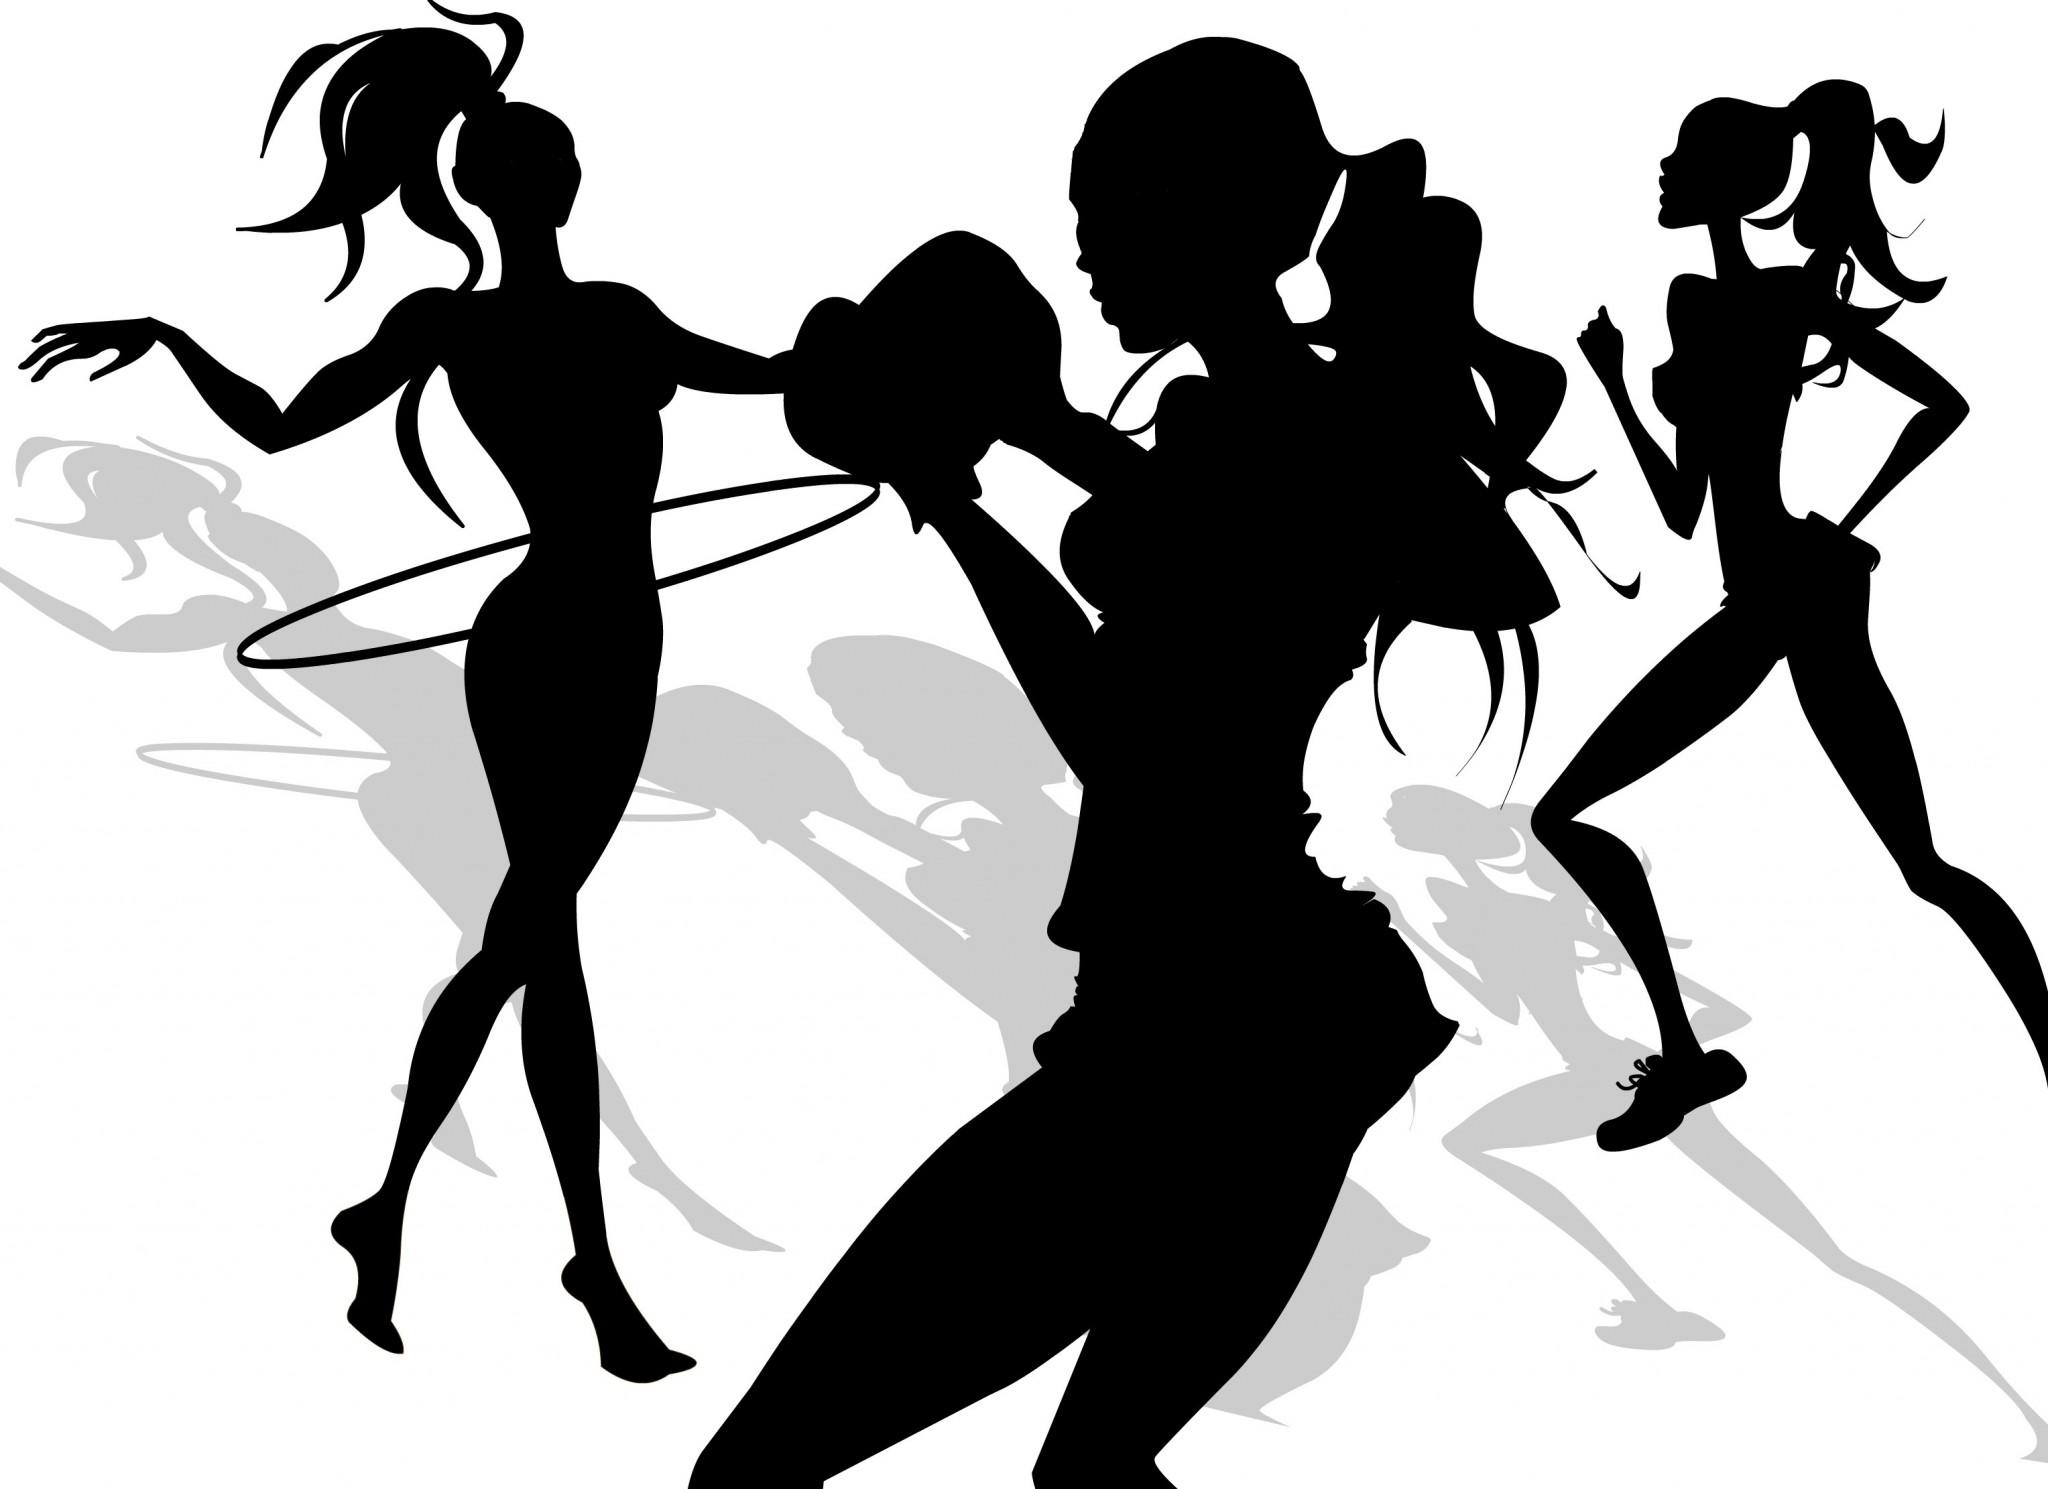 fitness images for desktop background